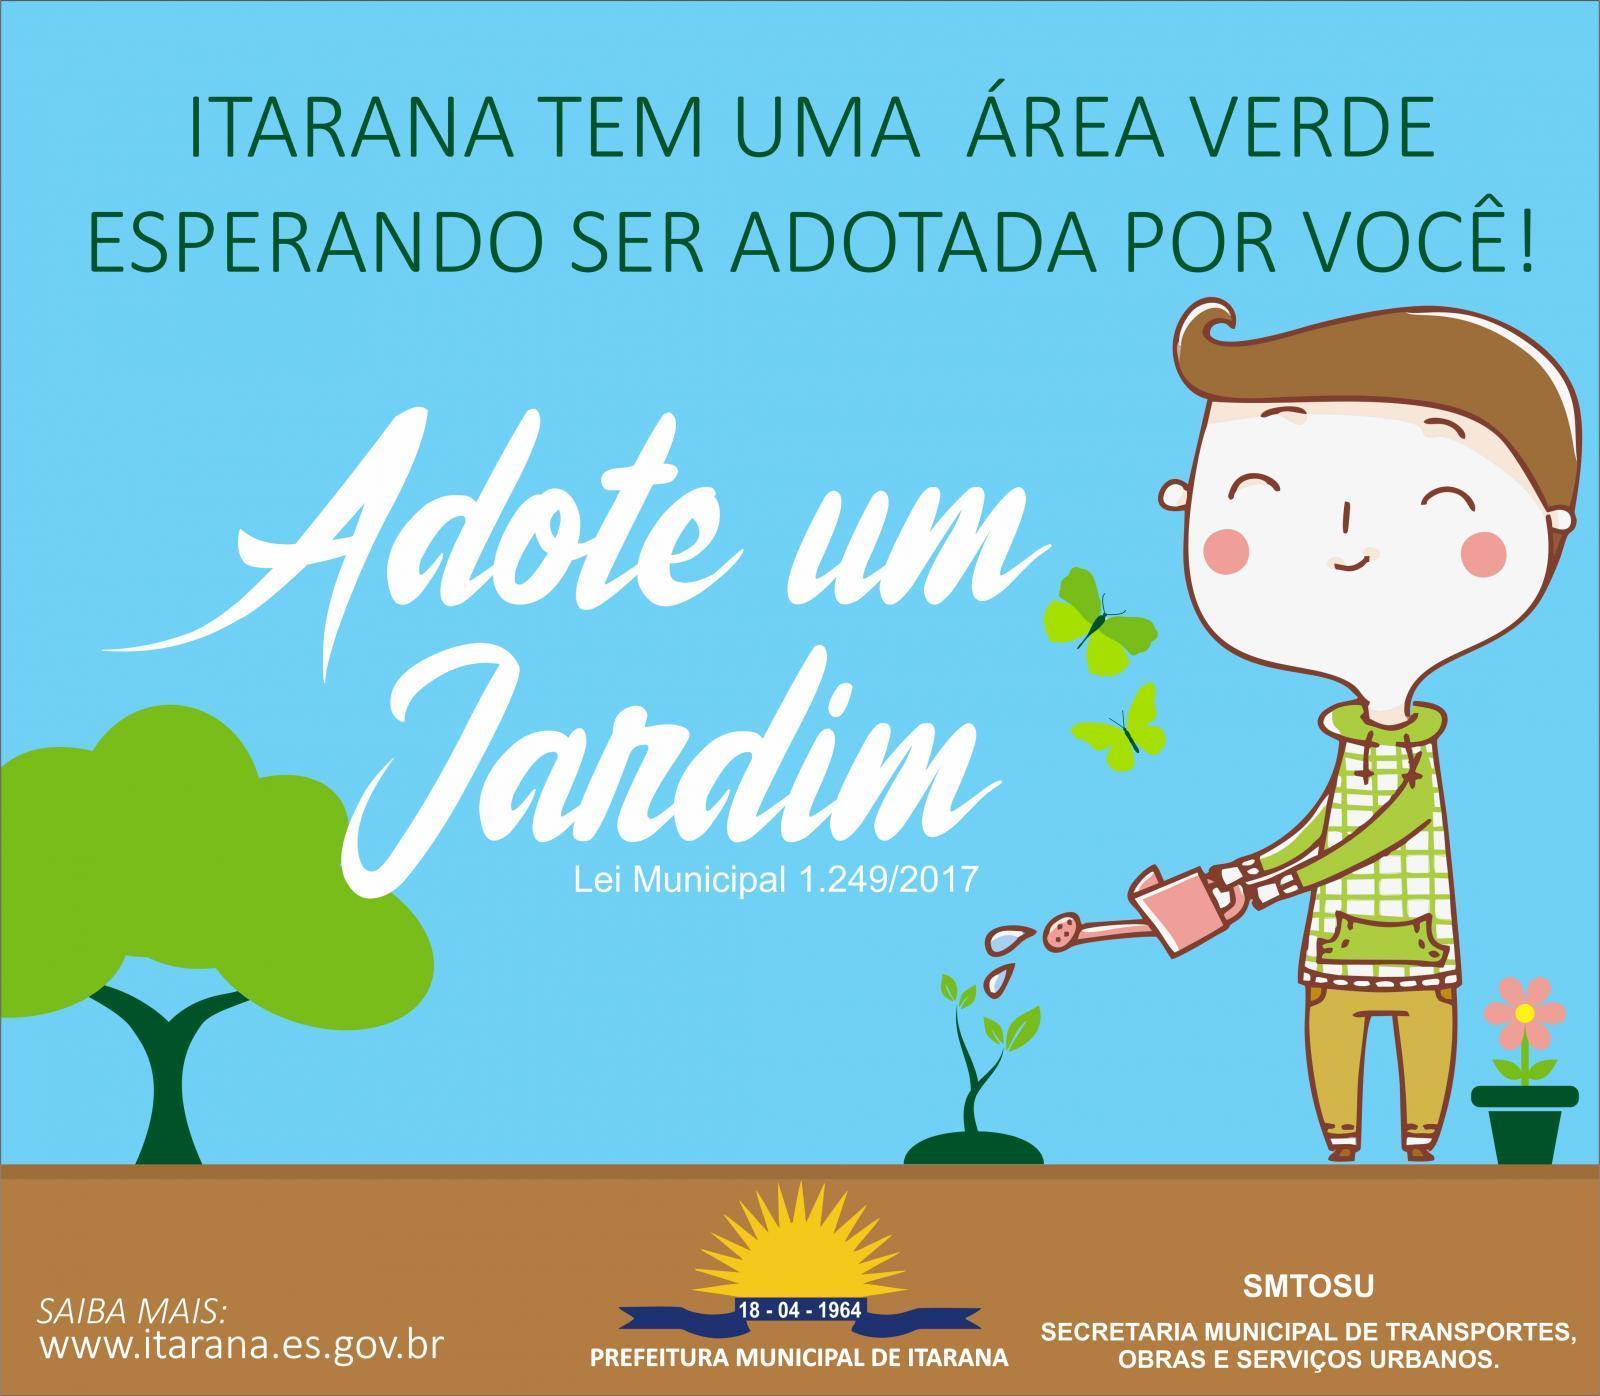 Espaços públicos em Itarana podem ser adotados com o Programa Adote um Jardim